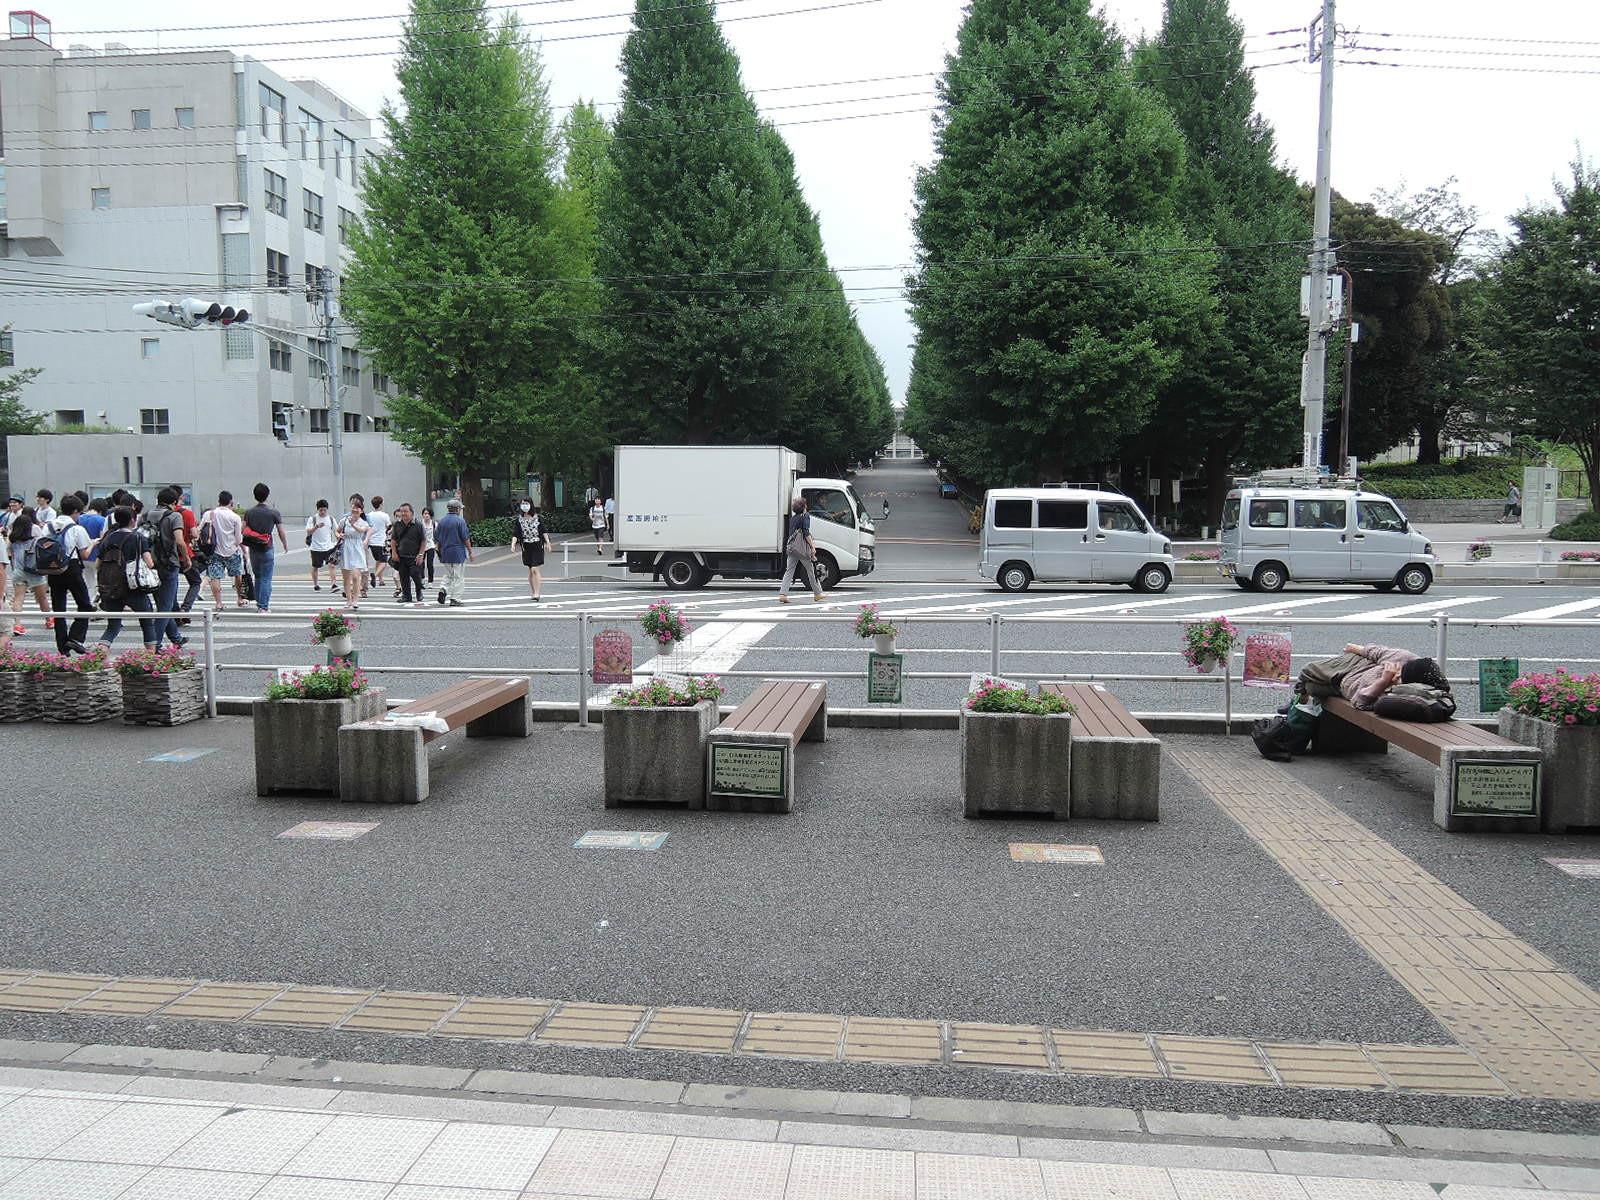 右手に見えるのは慶応大学のキャンパス入口